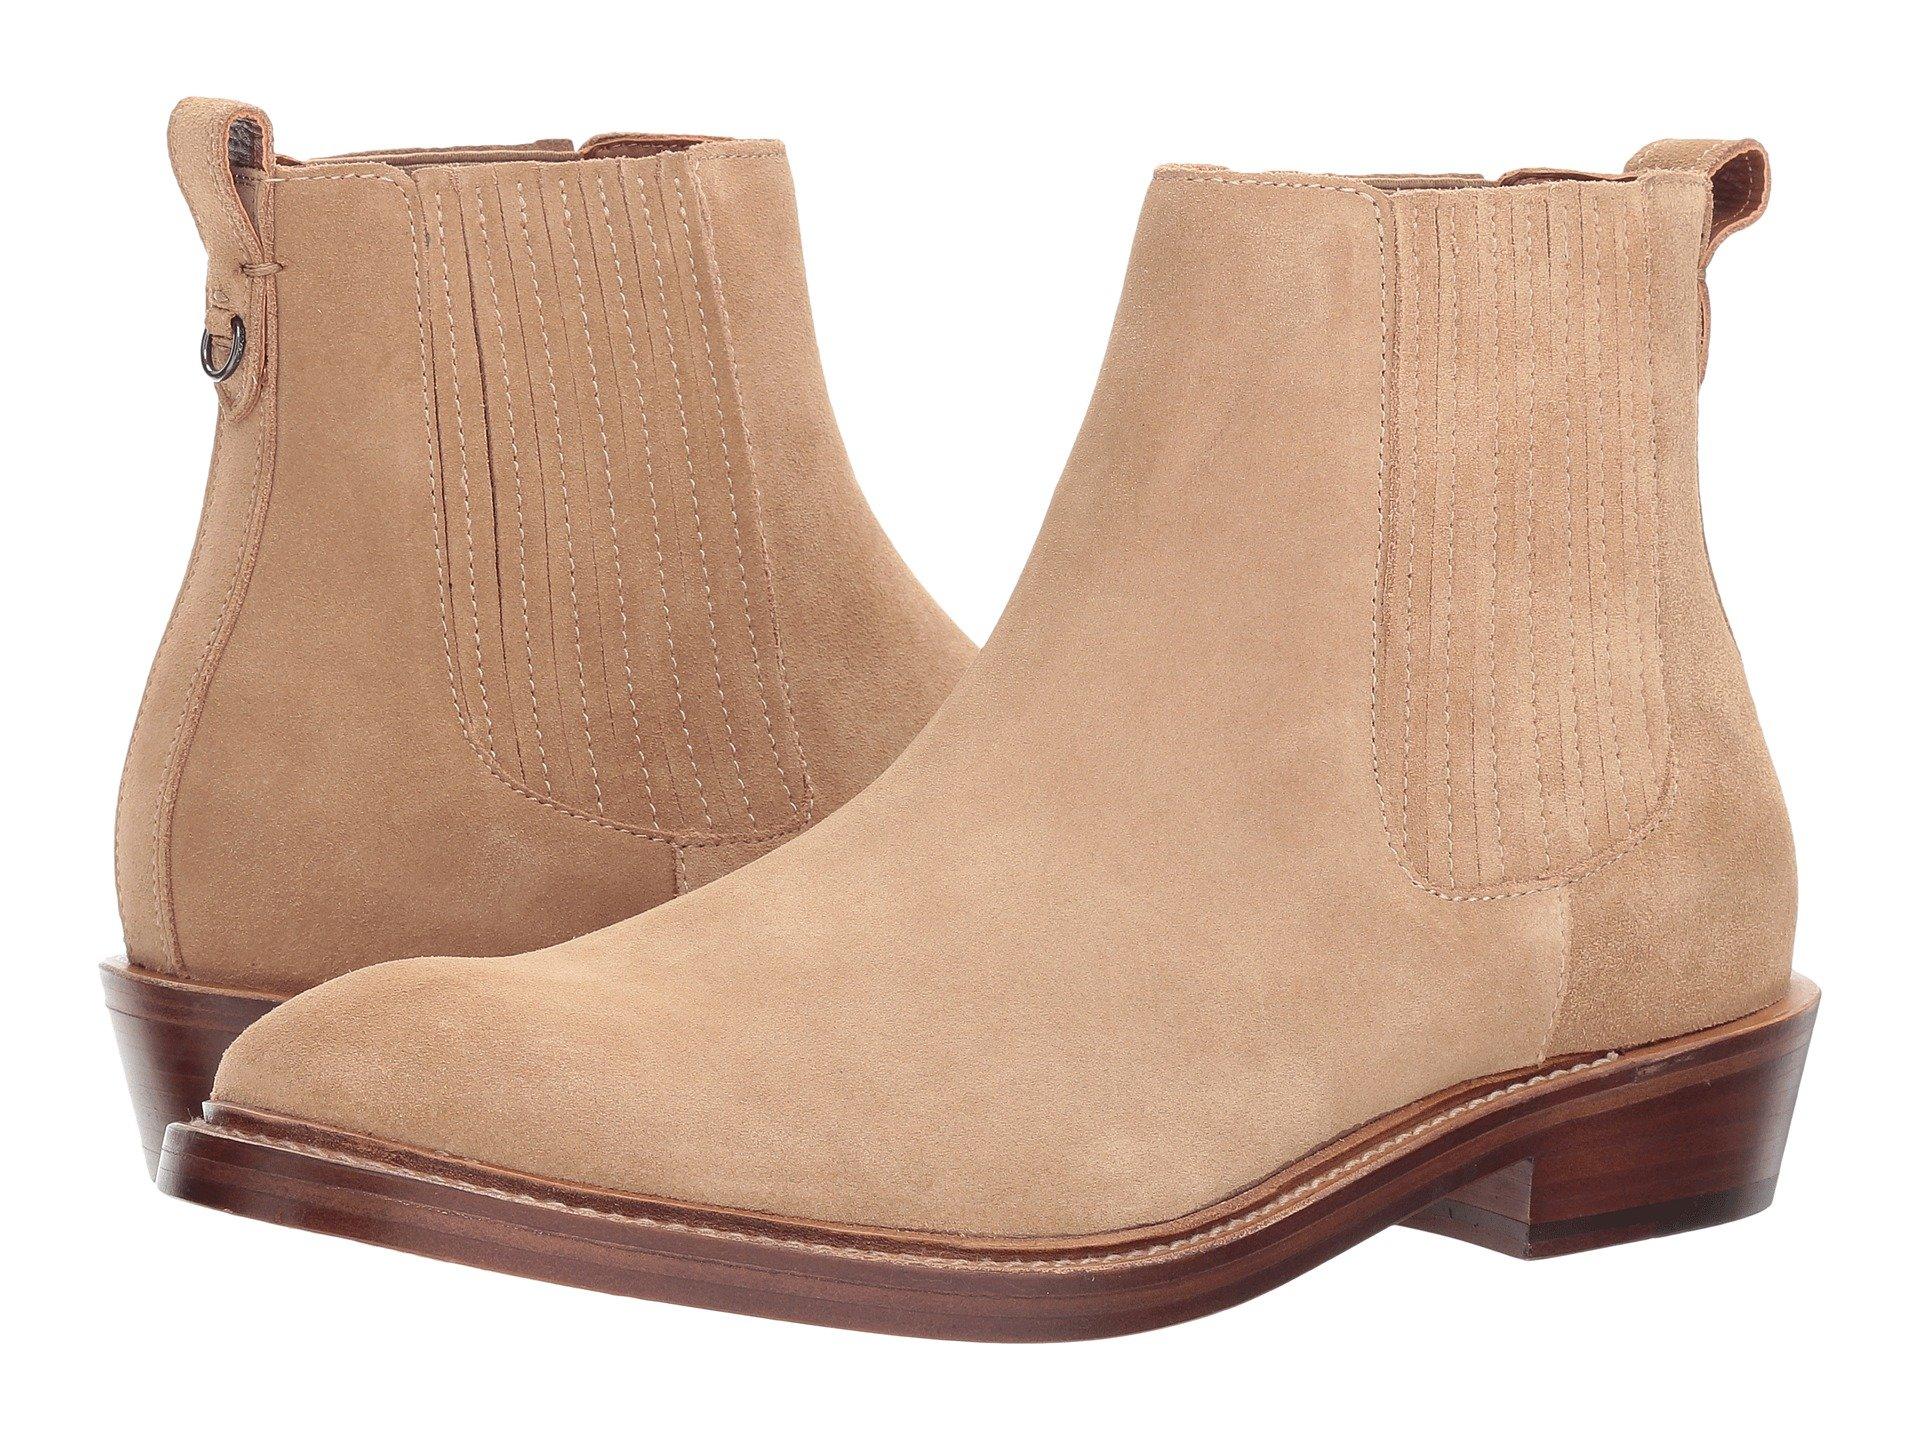 COACH Shoes Men